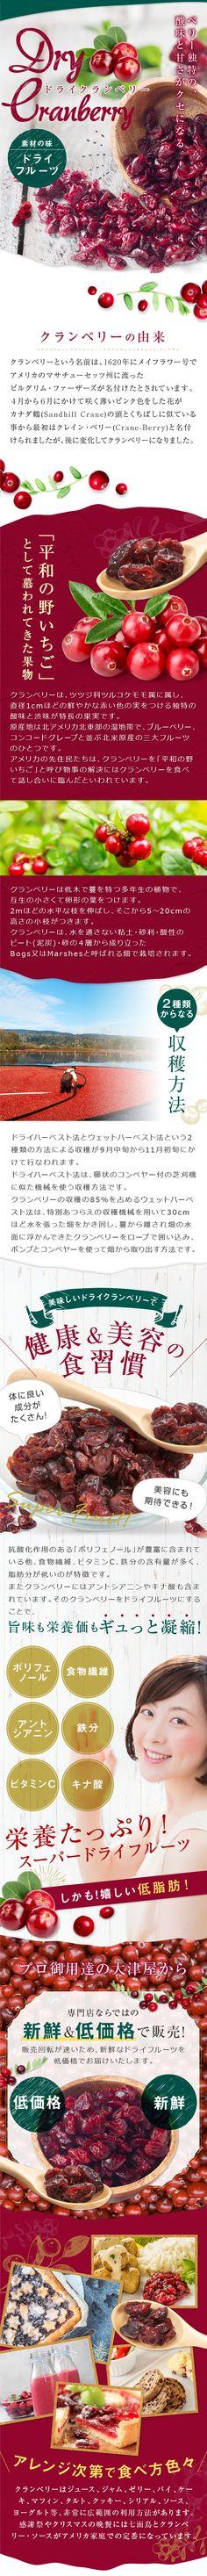 スマホのランディングページ(LP)制作実績。東京都台東区の株式会社大津屋商店より制作依頼を受け、フルーツ・果物・野菜のドライクランベリースマホ用の商品ページをデザイン。LPOならランディングページ制作.jp